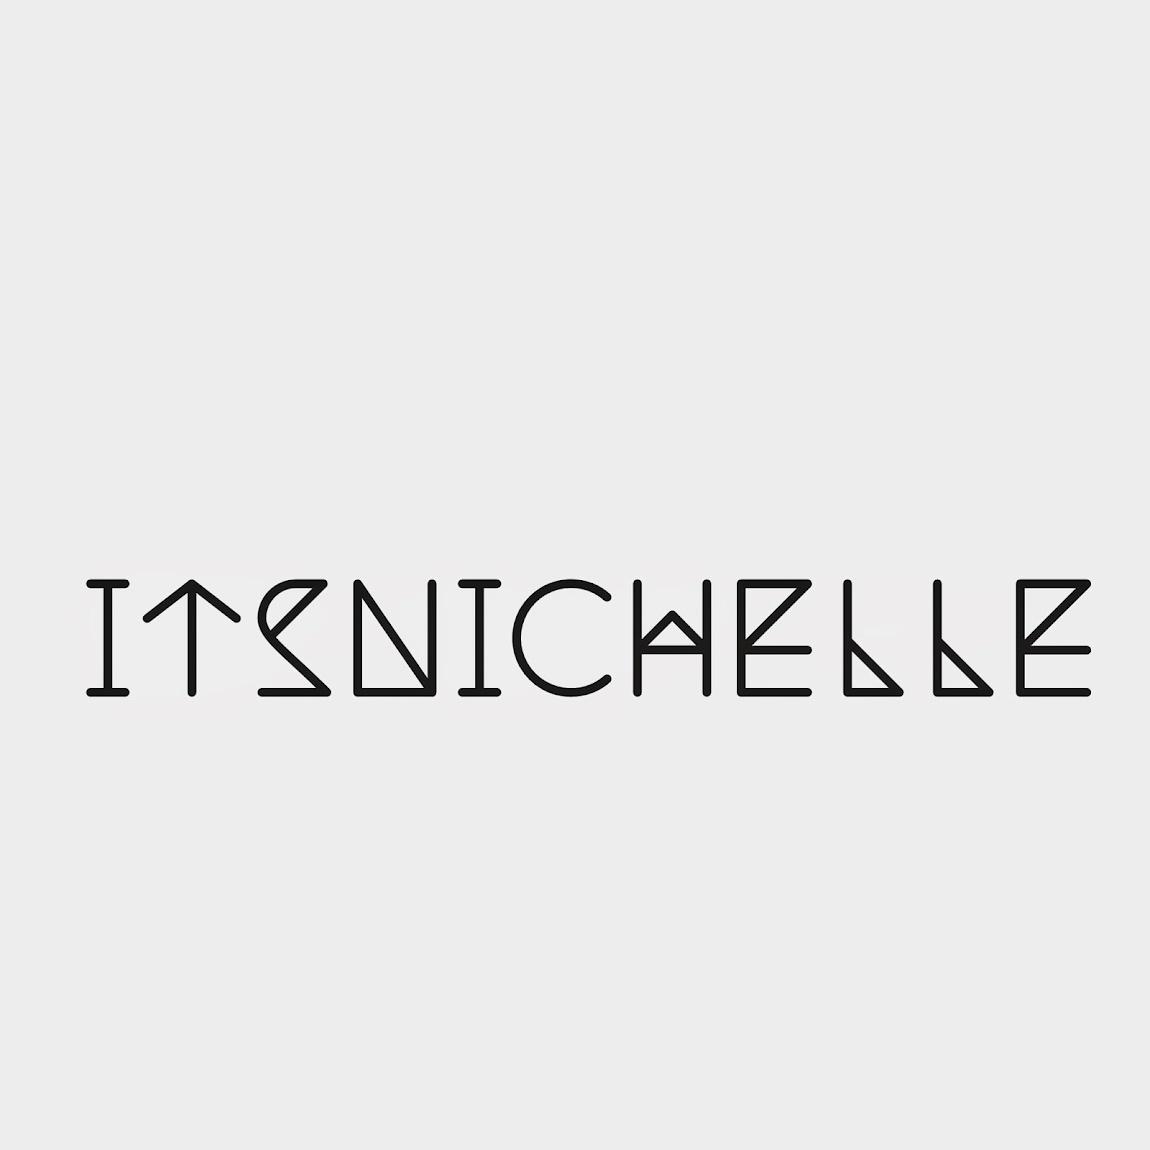 ItsNichelle